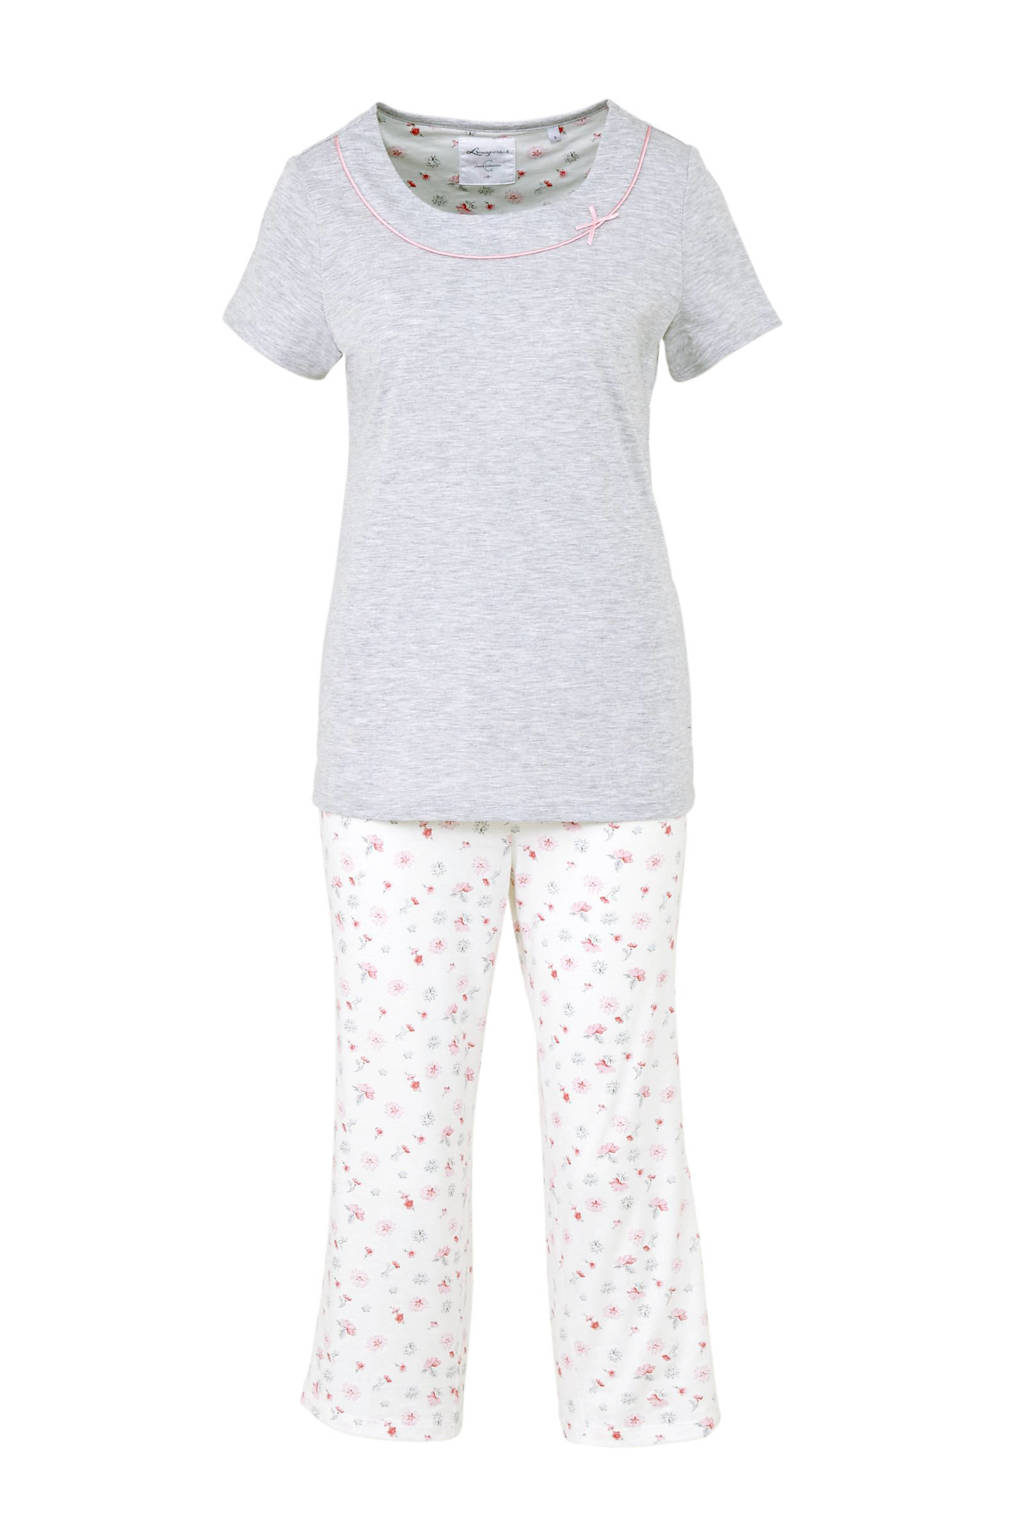 C&A pyjama met bloemen grijs/wit, Grijs/wit